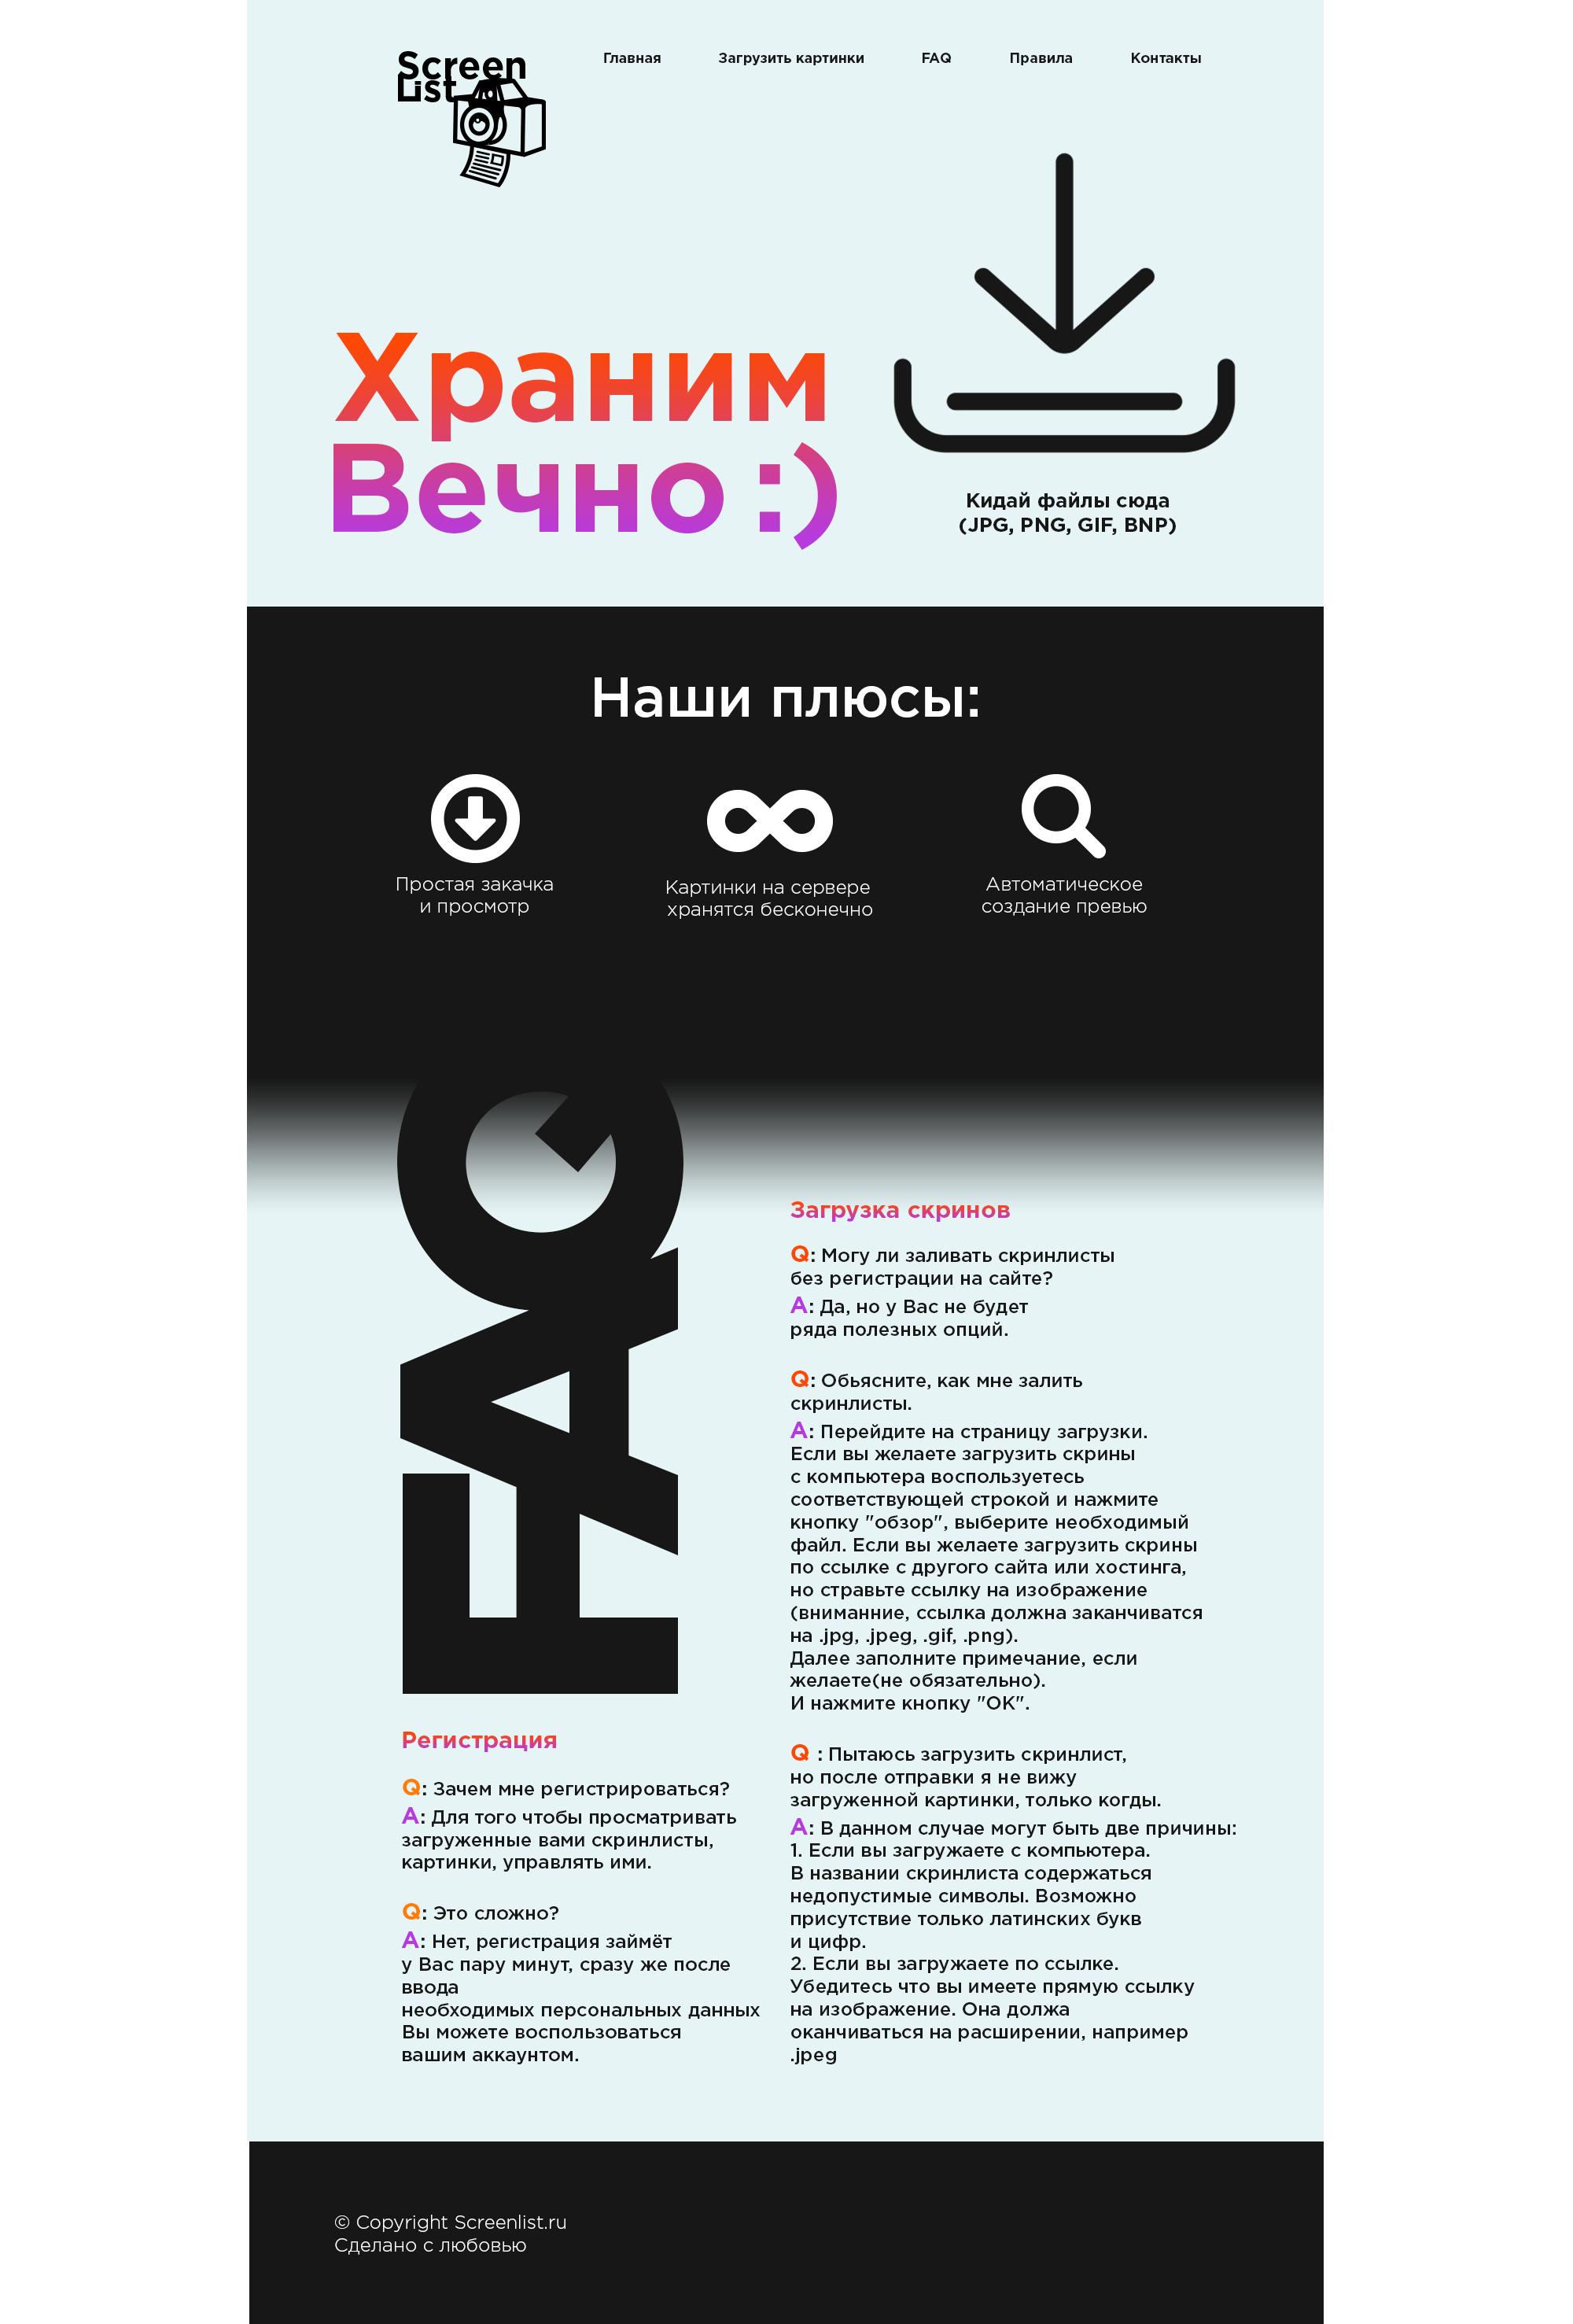 Безлимитный фотохостинг ScreenList.ru требует новый дизайн фото f_45259cfed3a42377.png